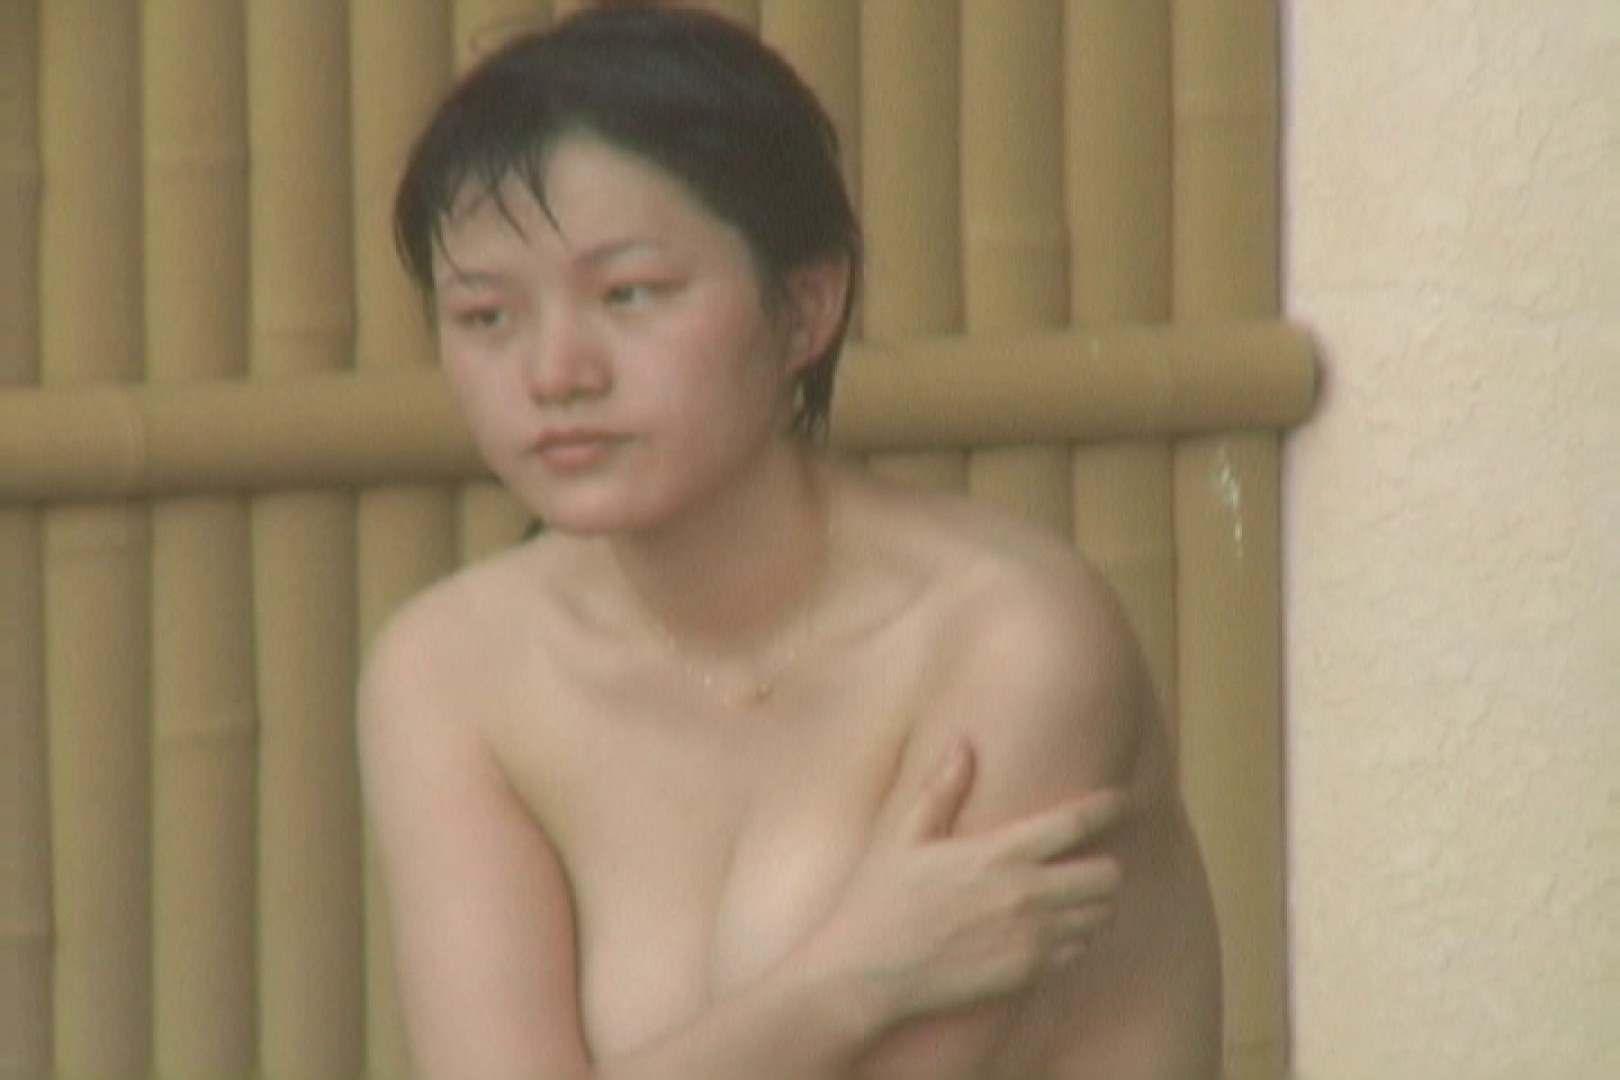 Aquaな露天風呂Vol.116 OL  54pic 52